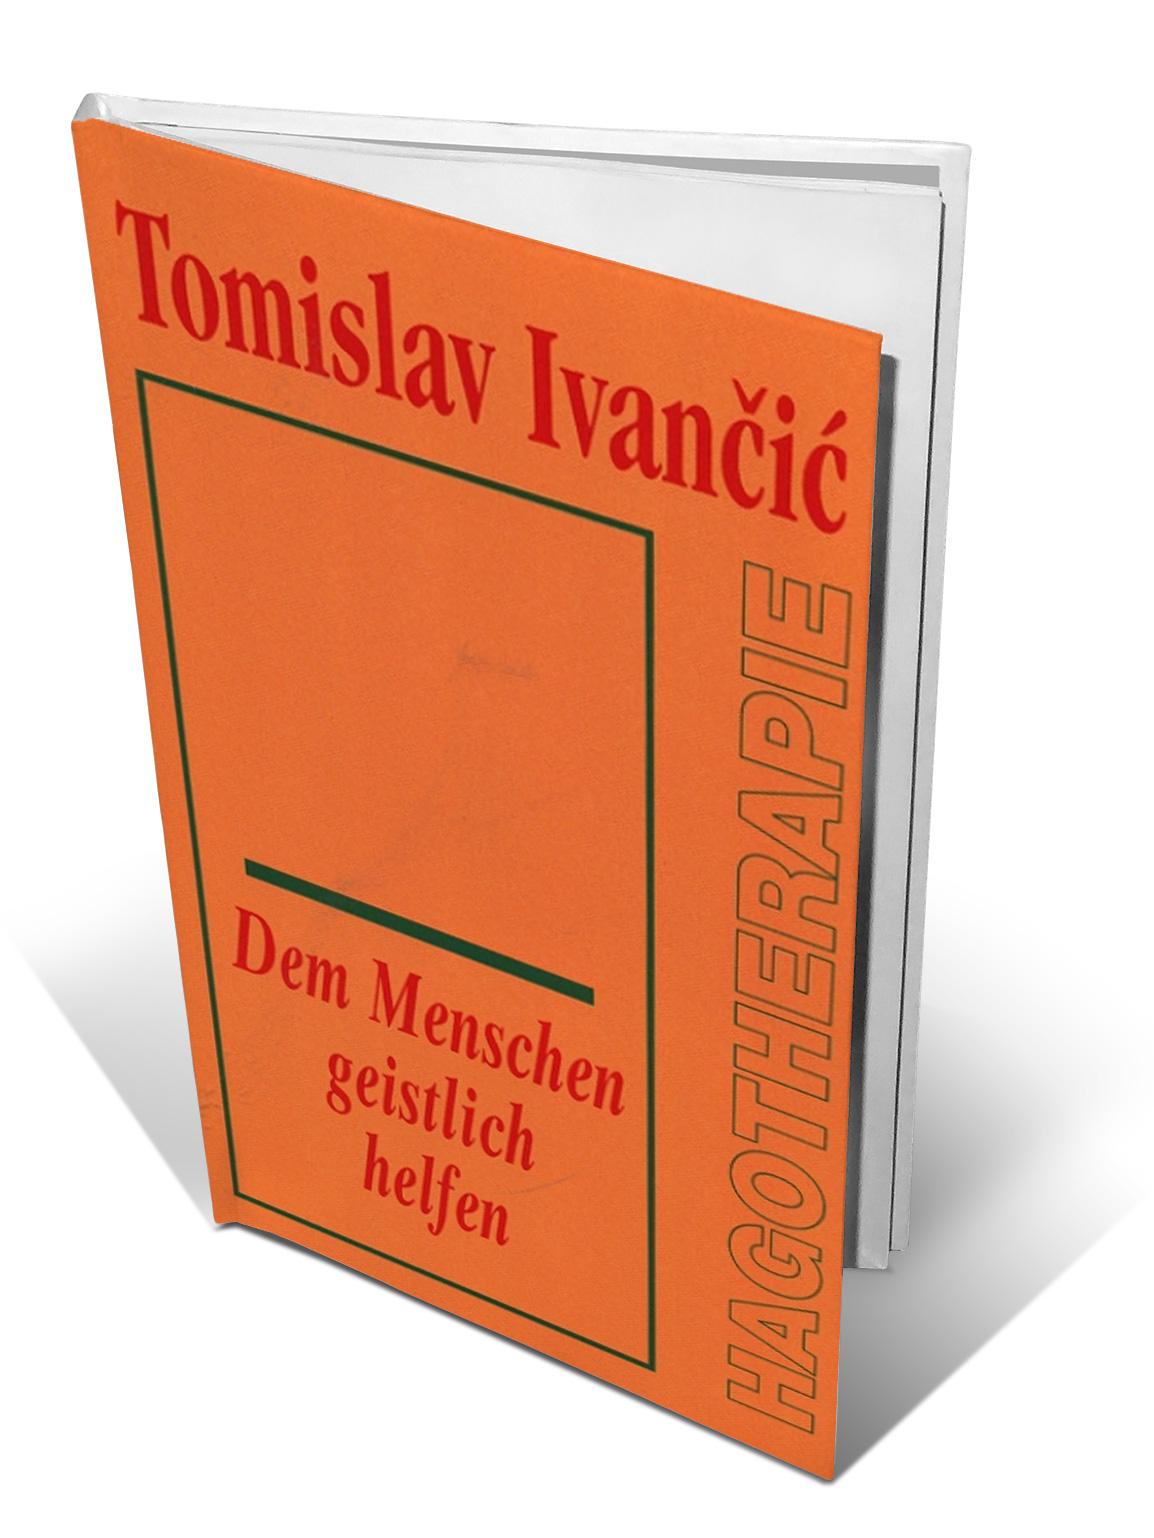 DEM MENSCHEN GEISTLICH HELFEN - Tomislav Ivančić